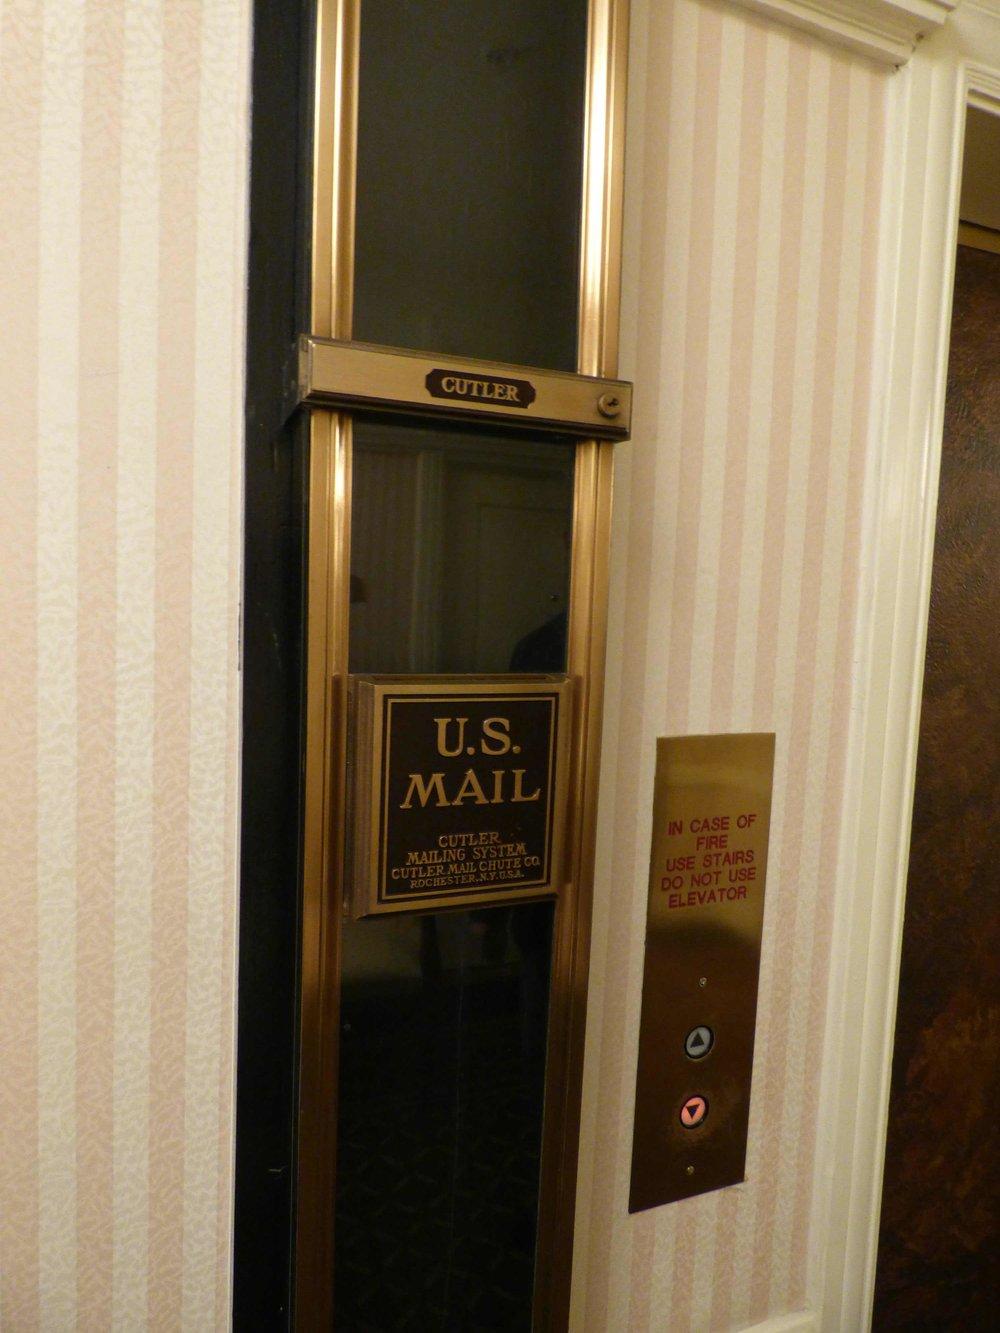 Postiluukku 6:ssa kerroksessa